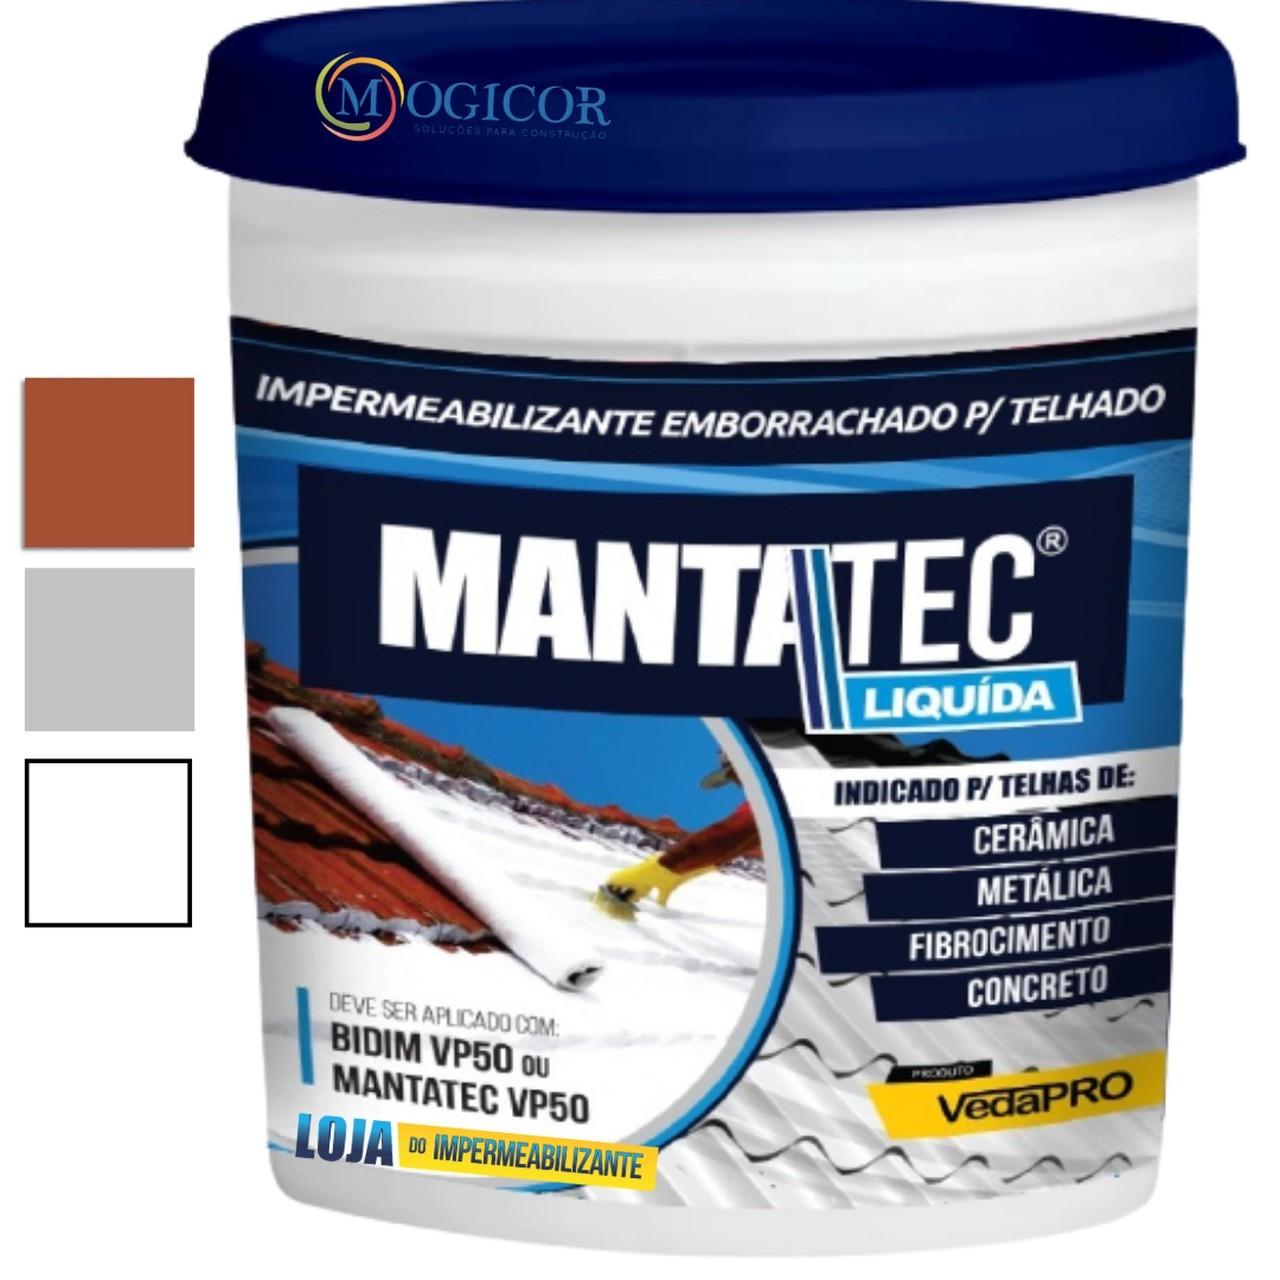 Manta Líquida MantaTec 12kg - Ideal p/ utilizar na impermeabilizão de lajes, telhados e telhas de zinco, madeira, colonial, embutido, verde, fibrocimento etc...